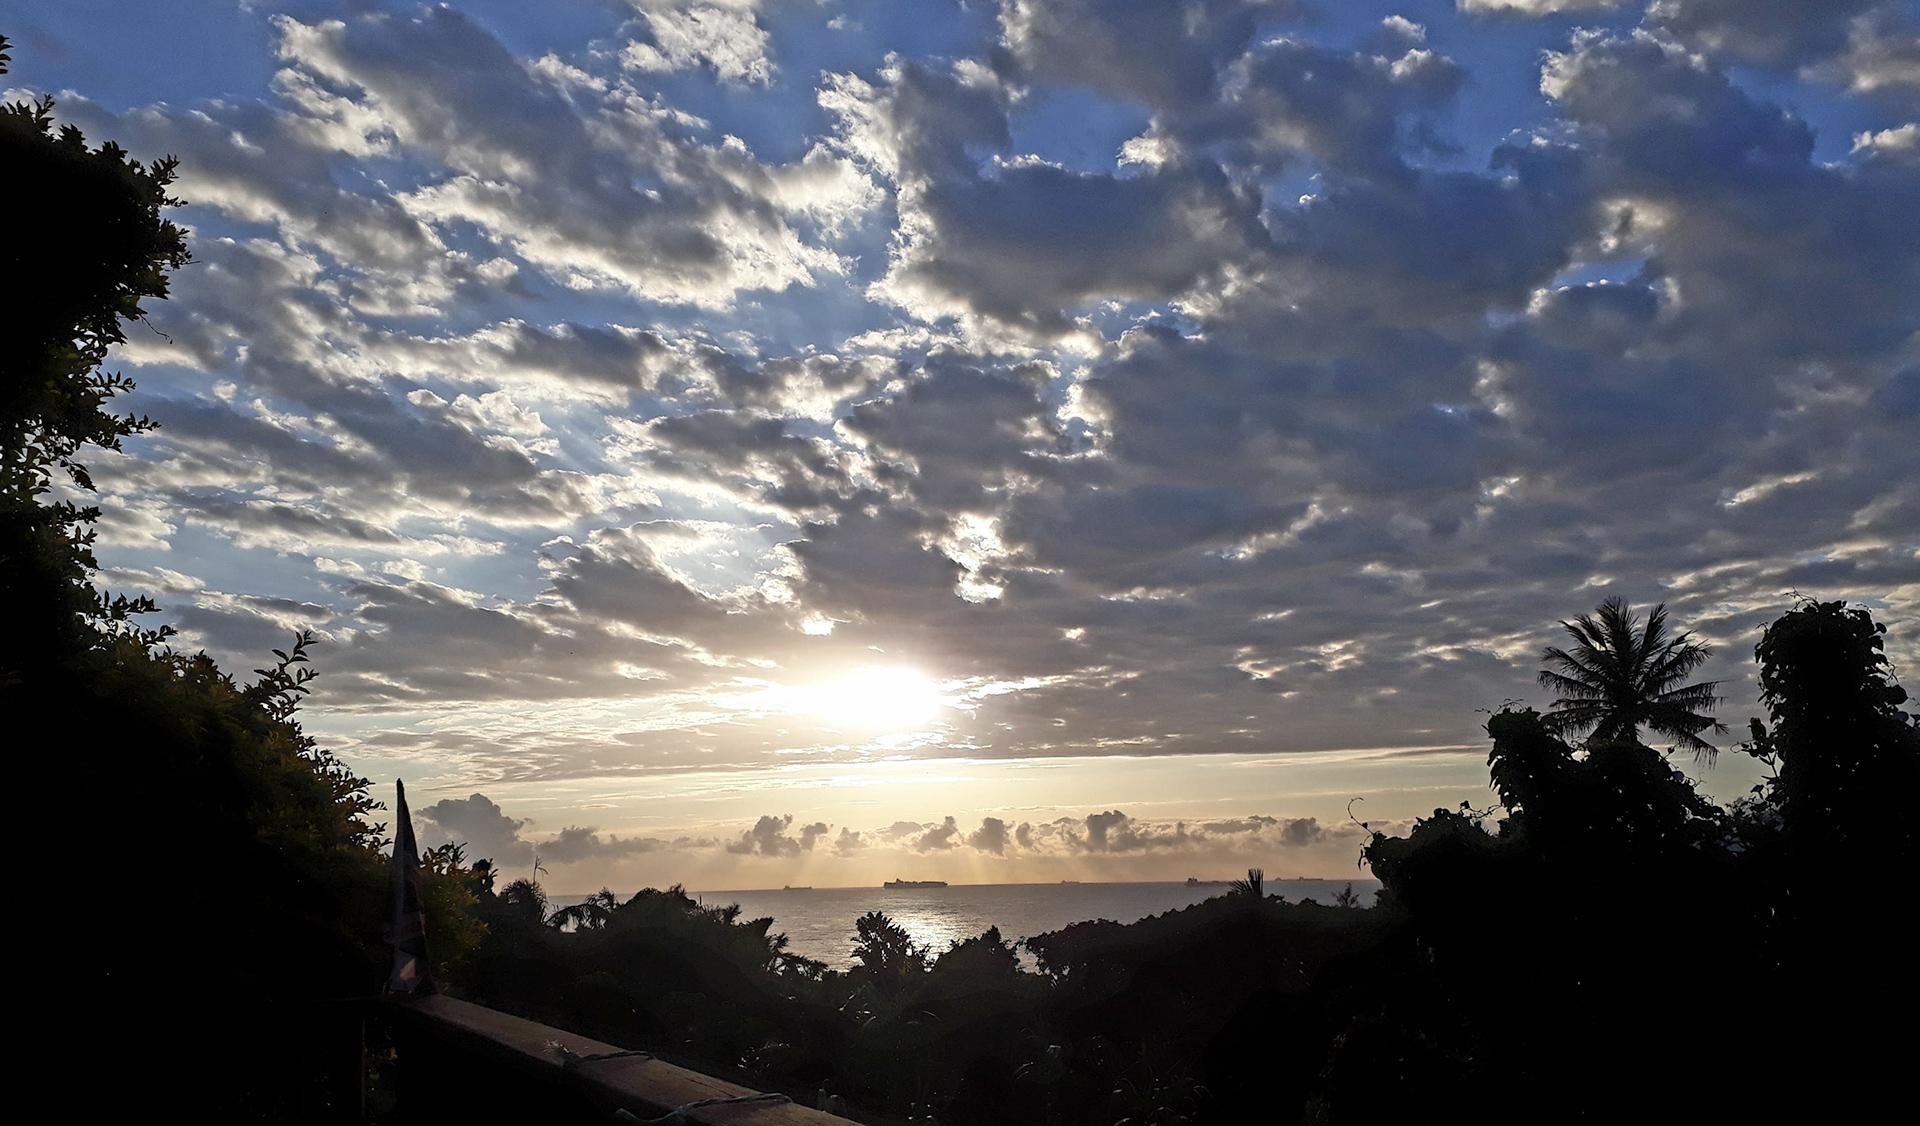 Umdloti Sun Rise